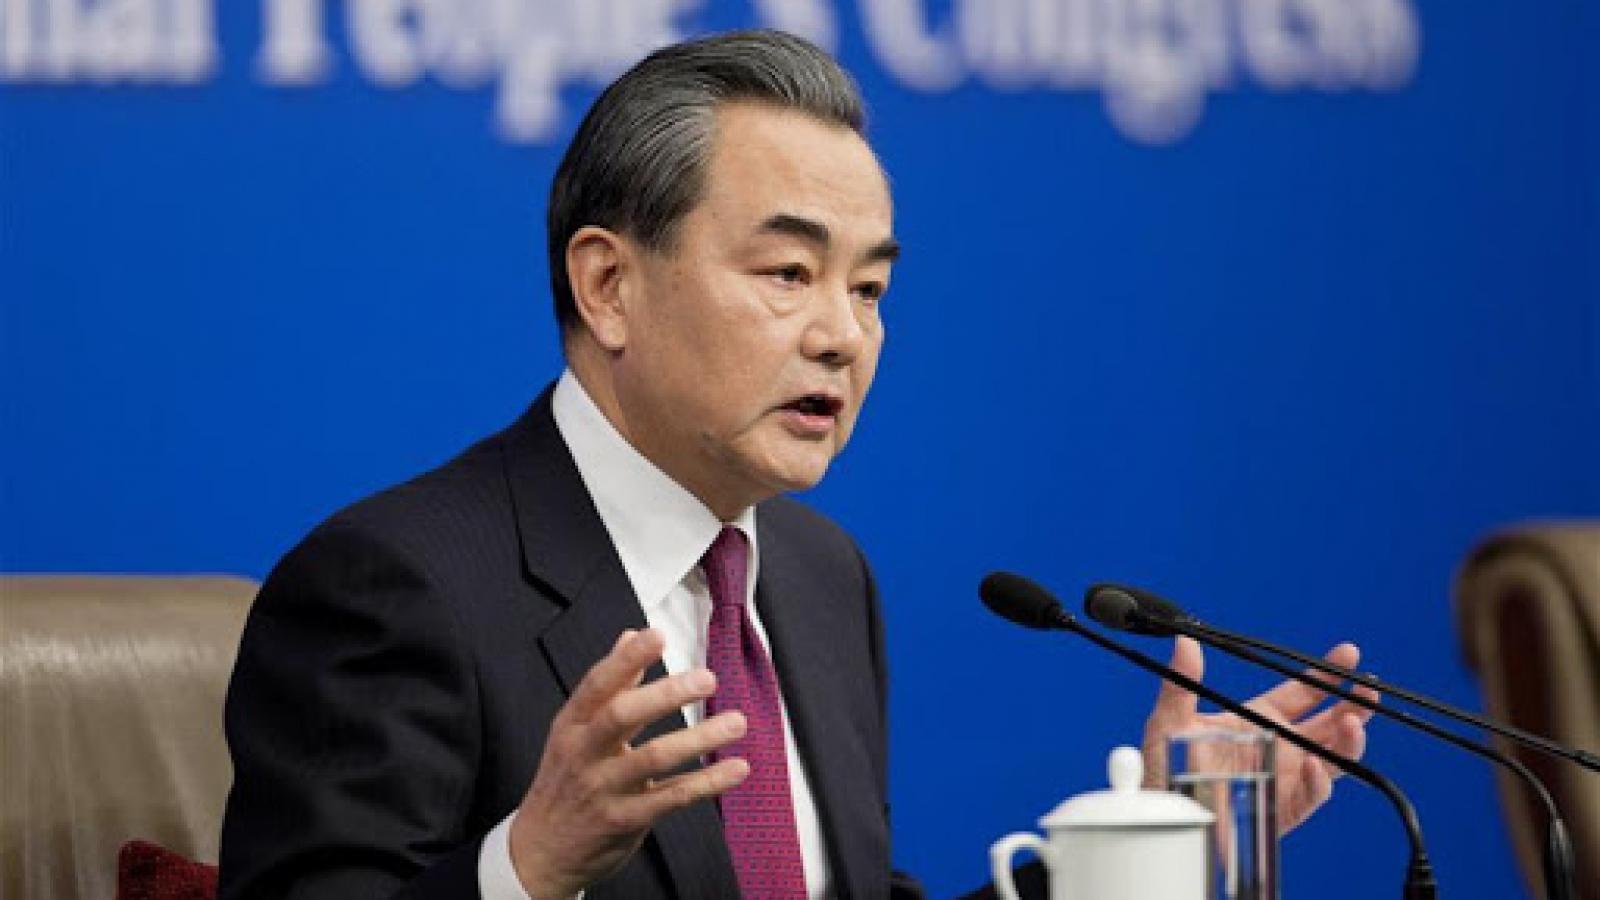 Ngoại trưởng Trung Quốc thăm 04 quốc gia Đông Nam Á